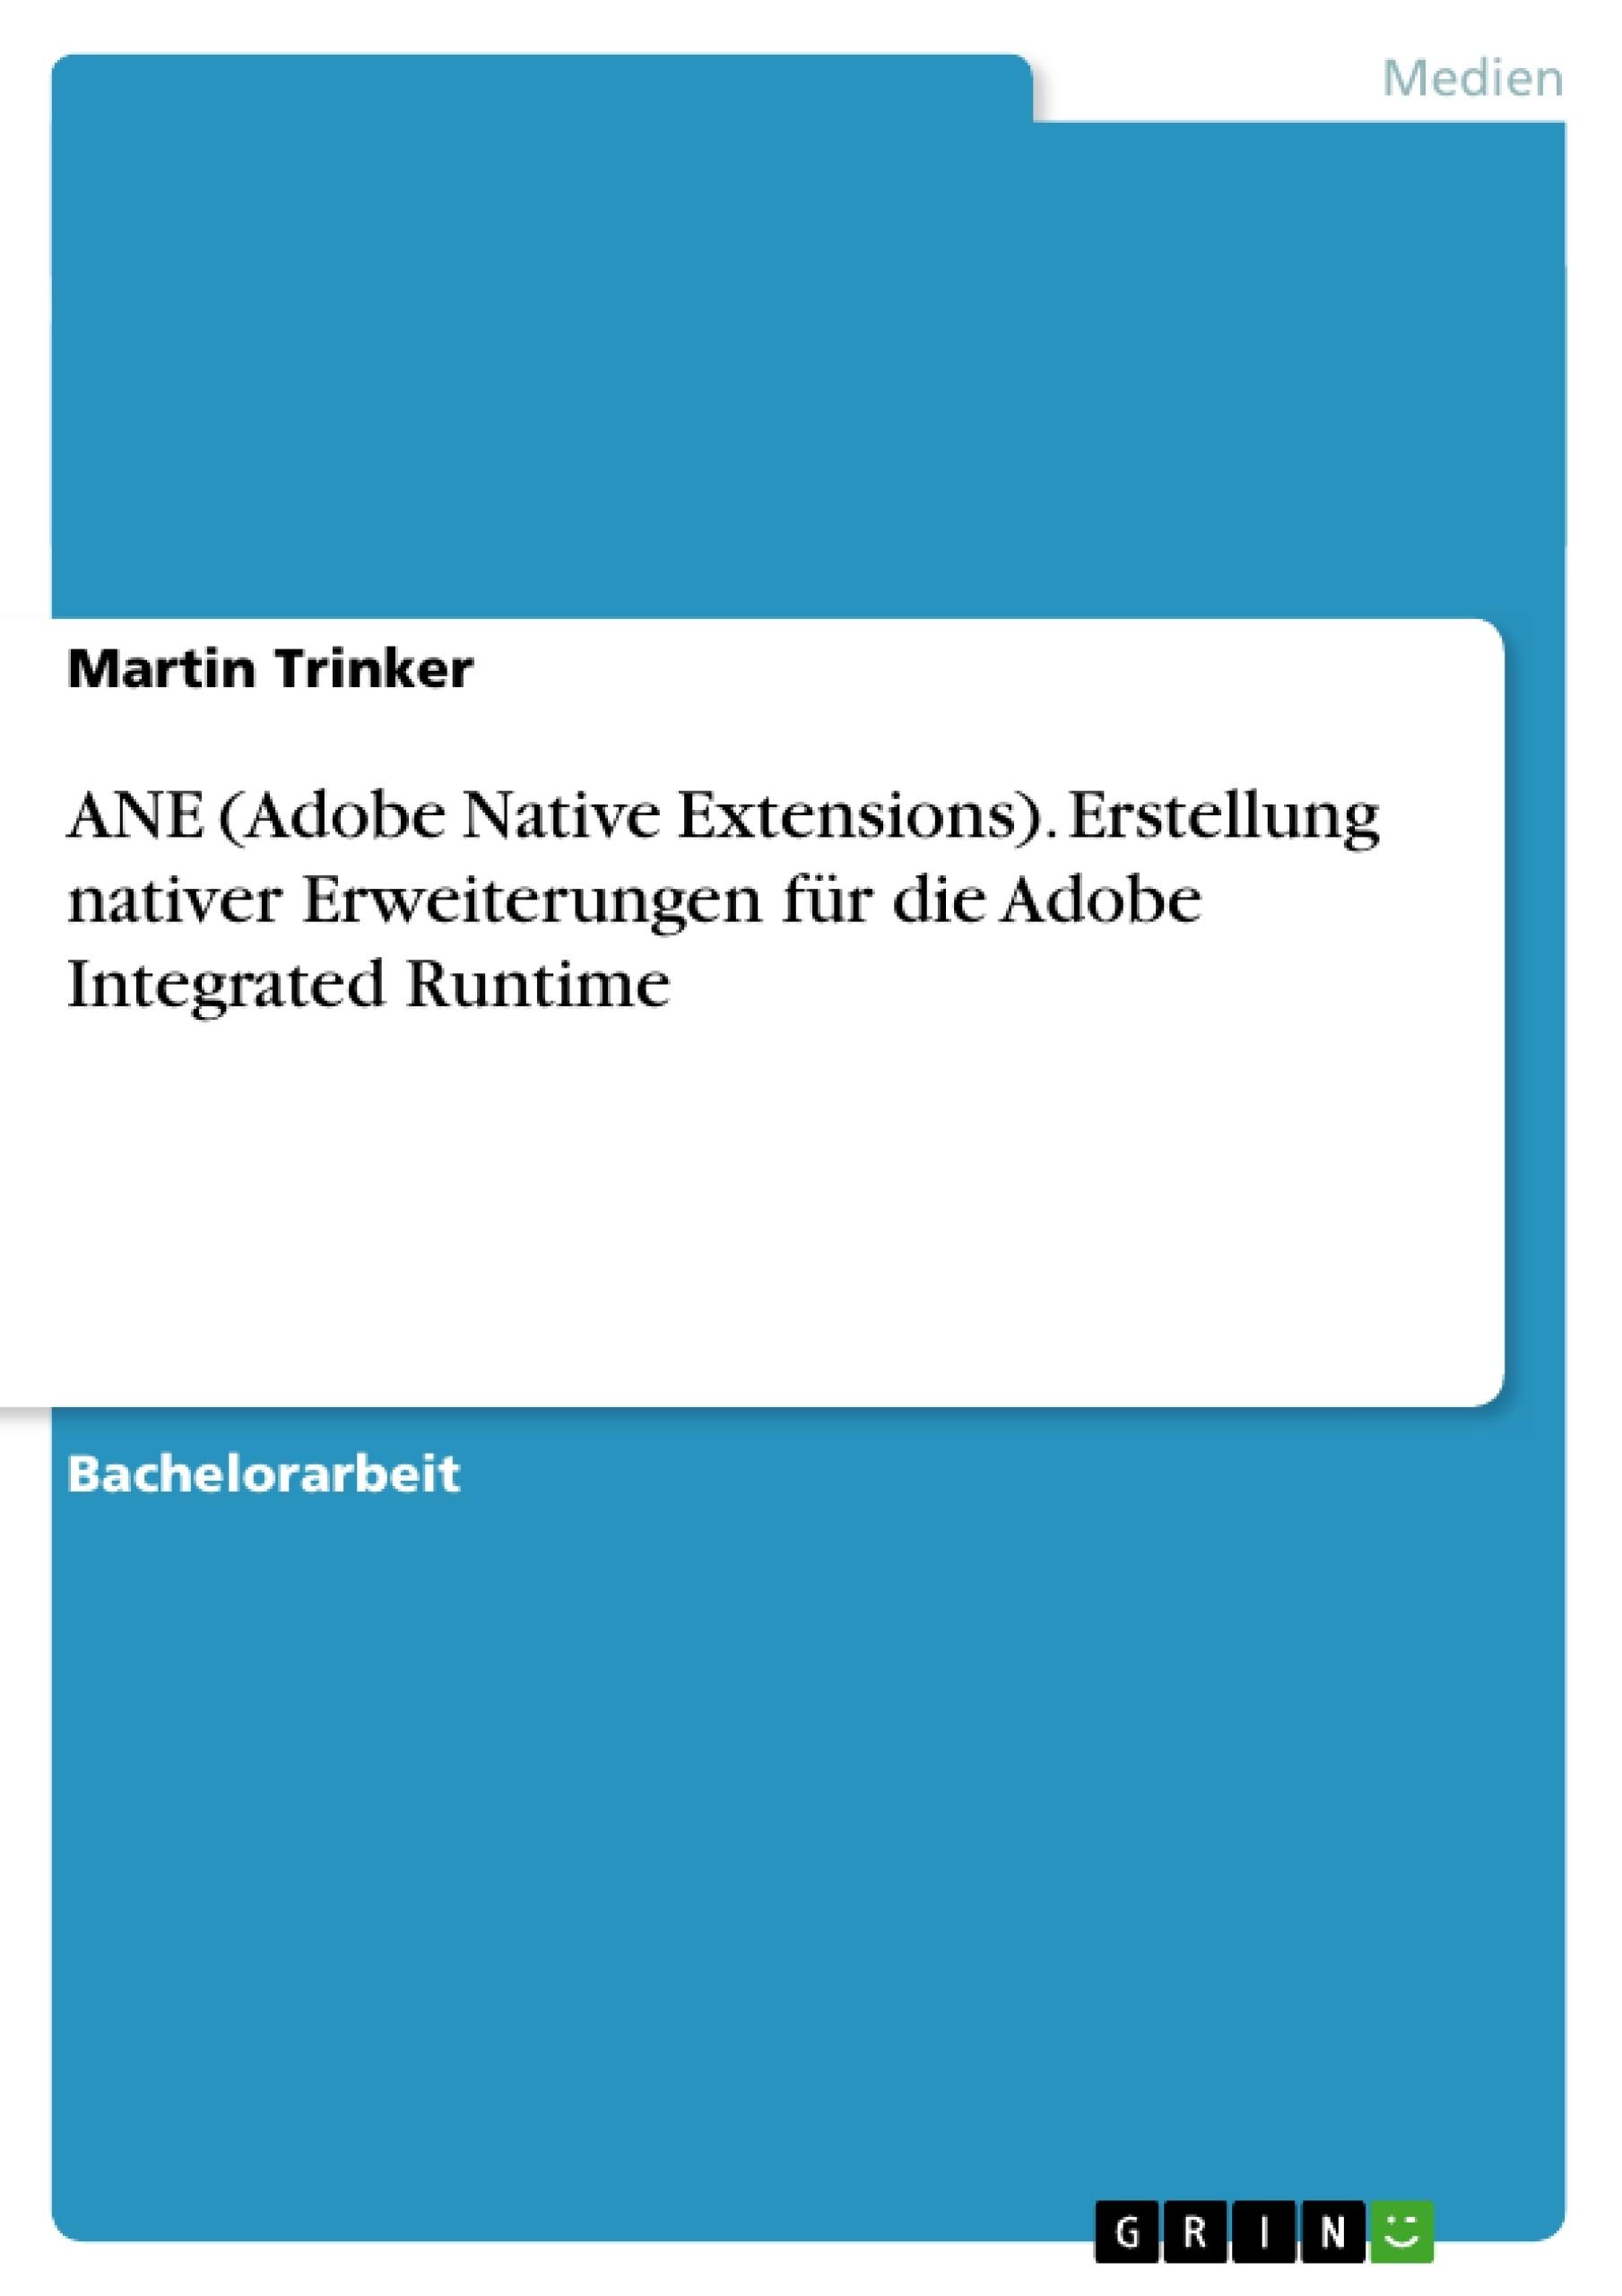 Titel: ANE (Adobe Native Extensions). Erstellung nativer Erweiterungen für die Adobe Integrated Runtime